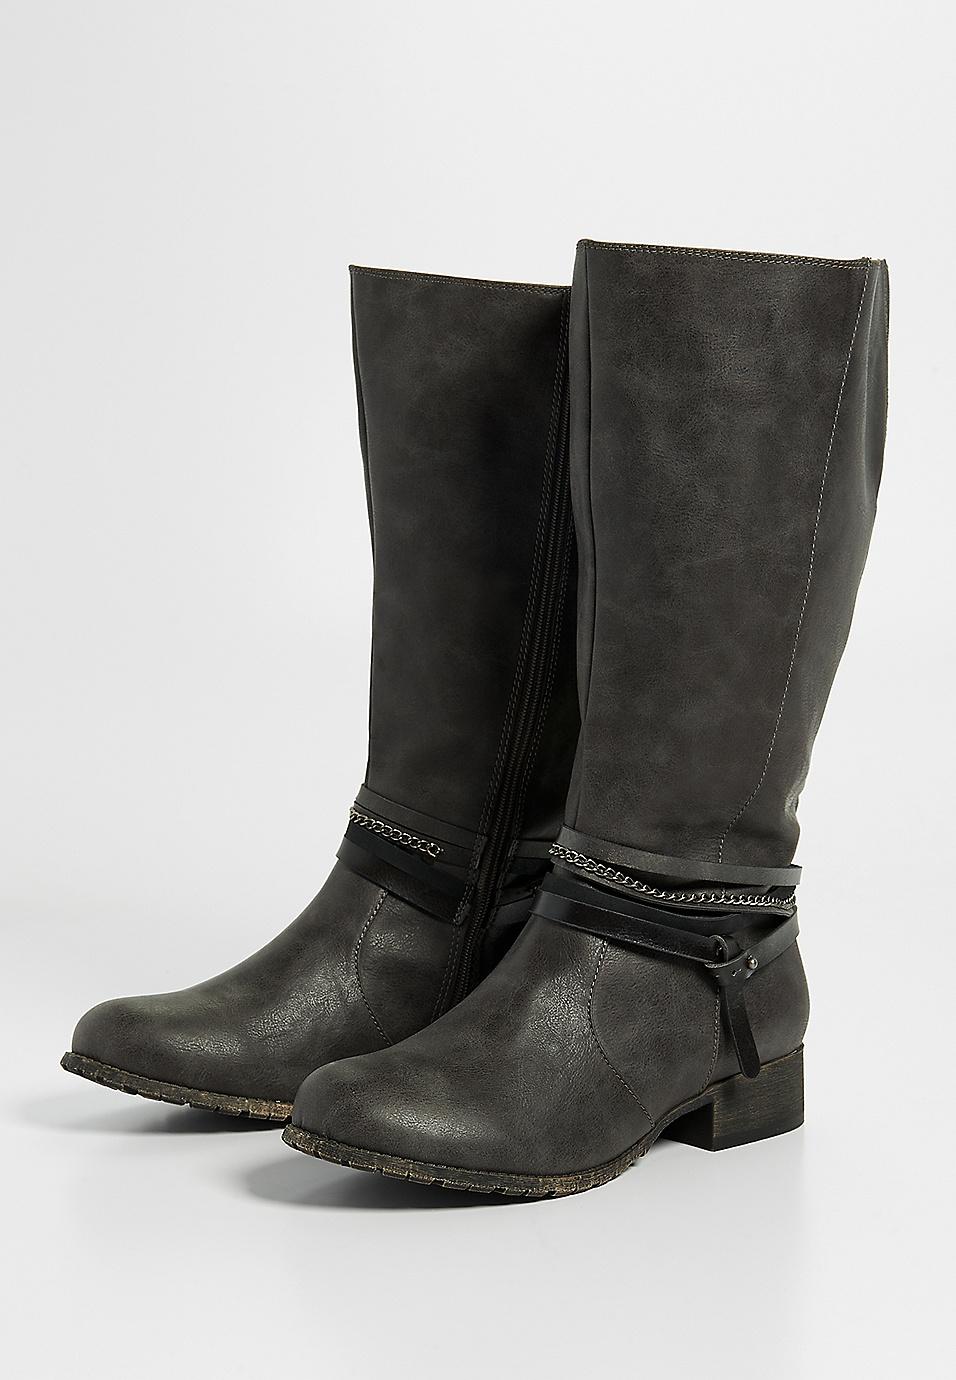 0c56ebb97e5 Gail wide calf tall boot